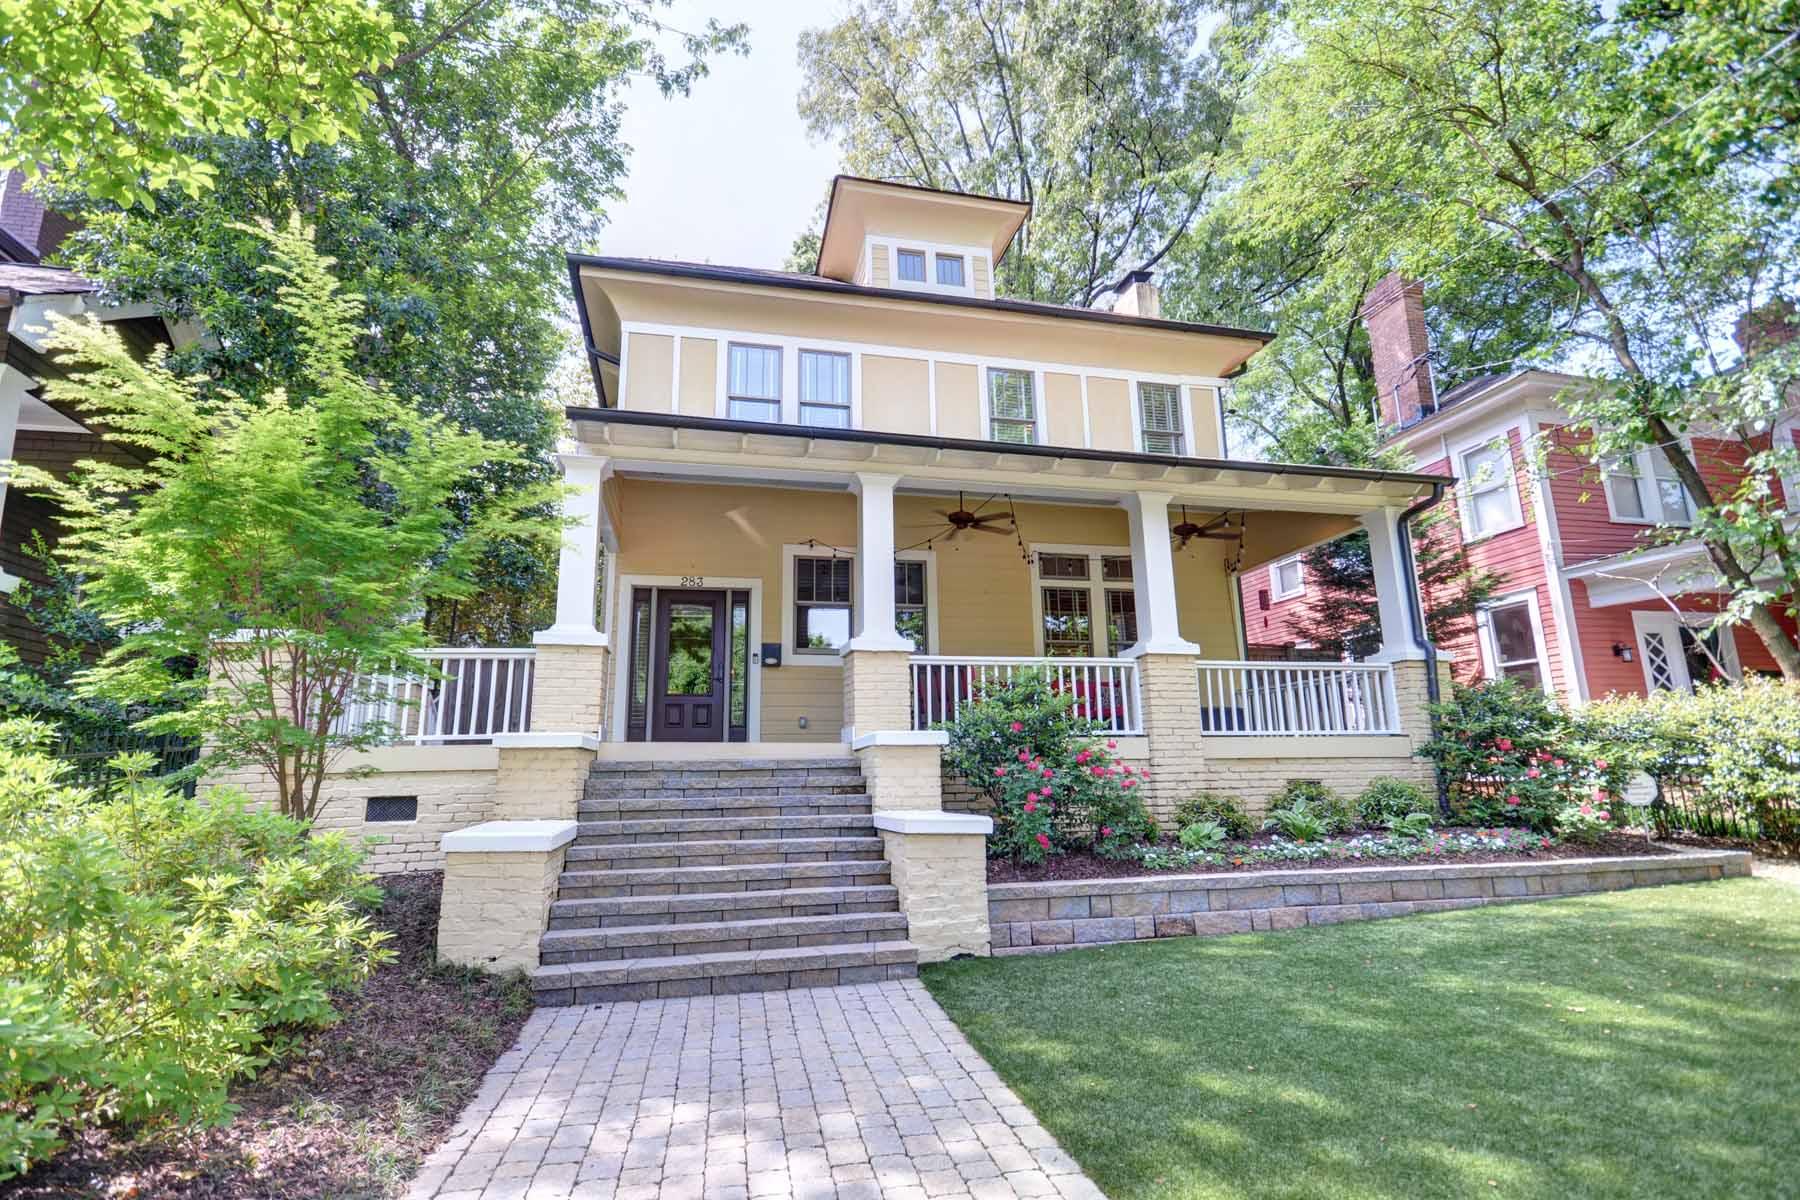 단독 가정 주택 용 매매 에 Beautifully Renovated Home on one of Midtown's Best Streets! 283 9th Street NE Midtown, Atlanta, 조지아, 30309 미국